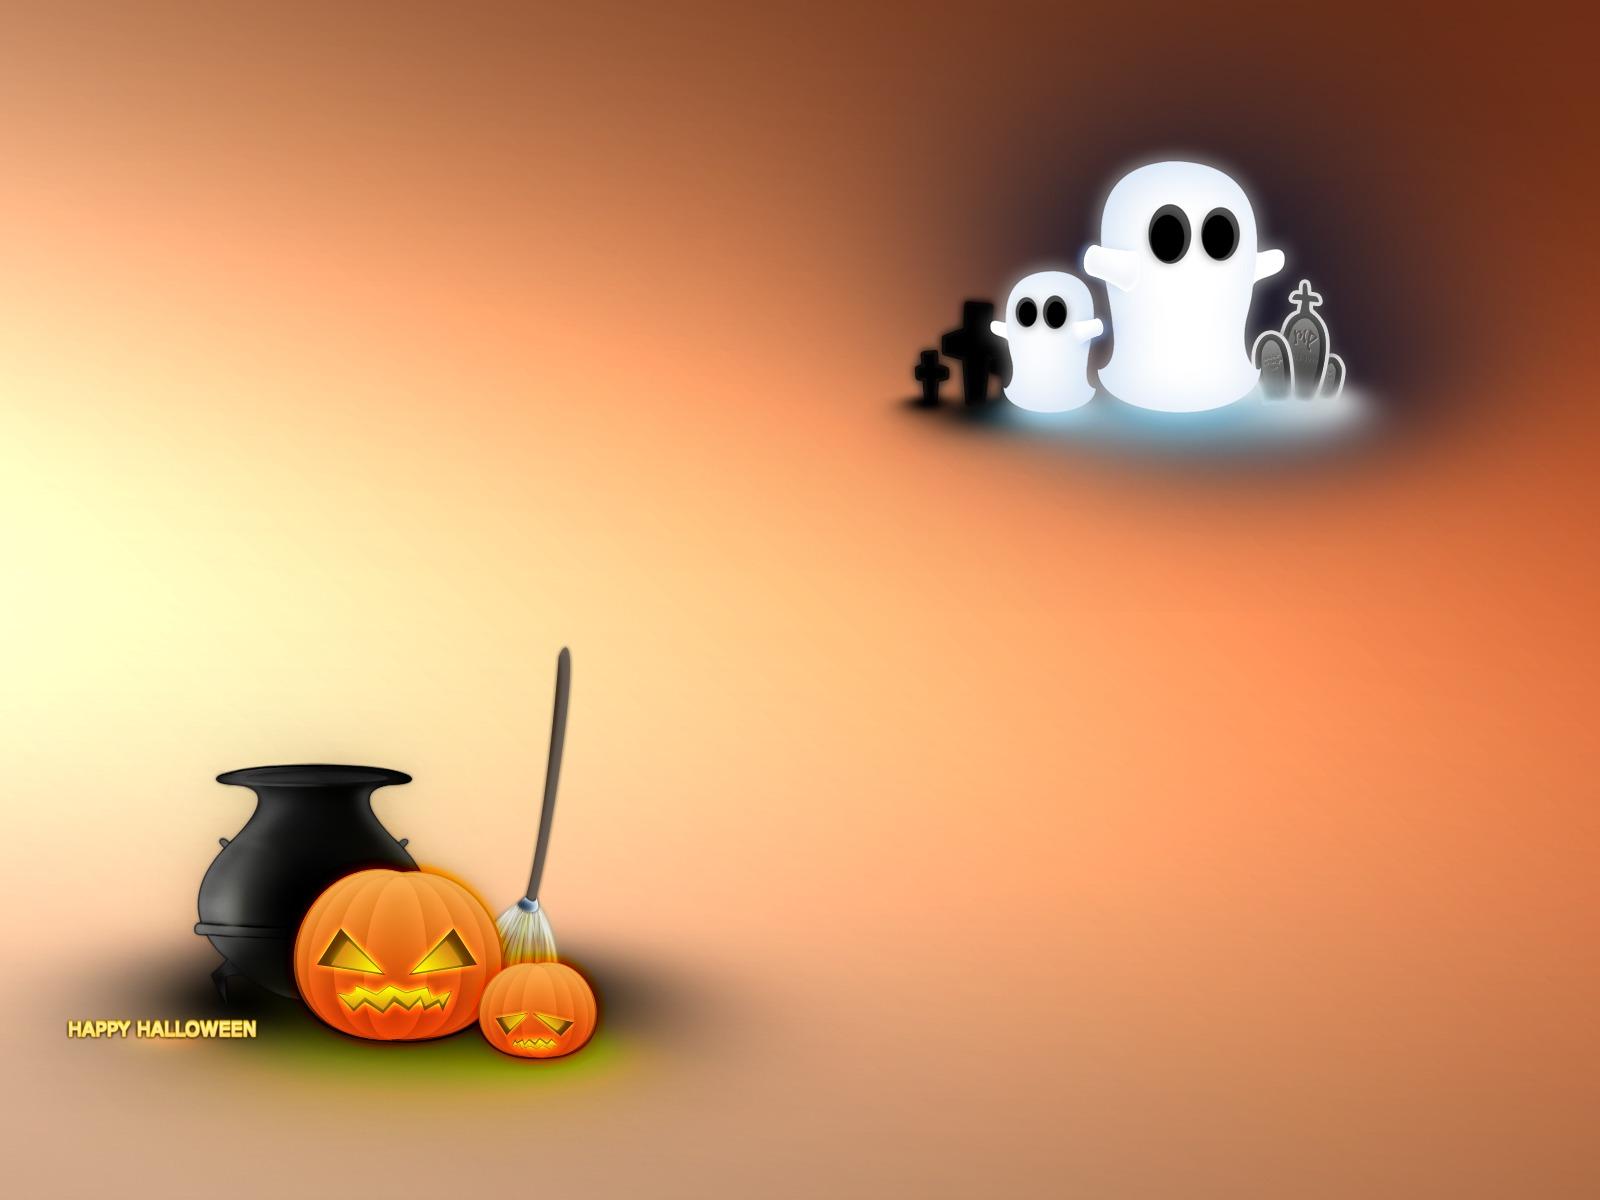 Happy Halloween Wallpapers Funny Halloween Wallpapers